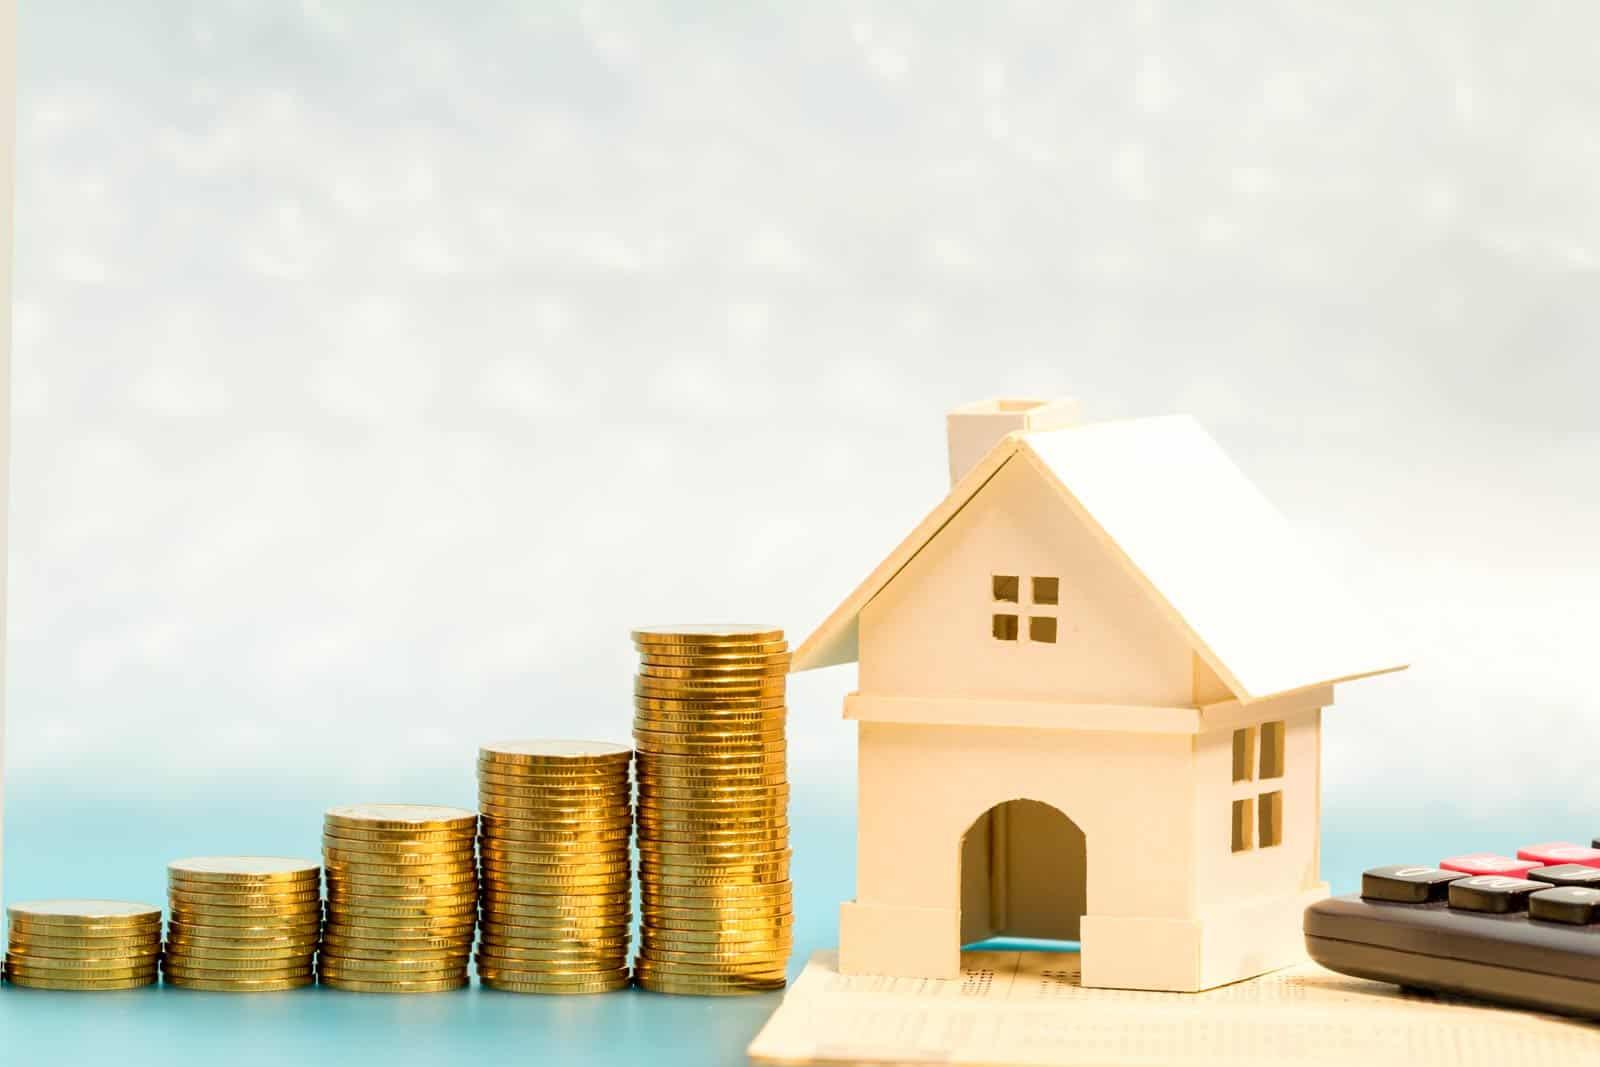 Brzi gotovinski krediti erste banke